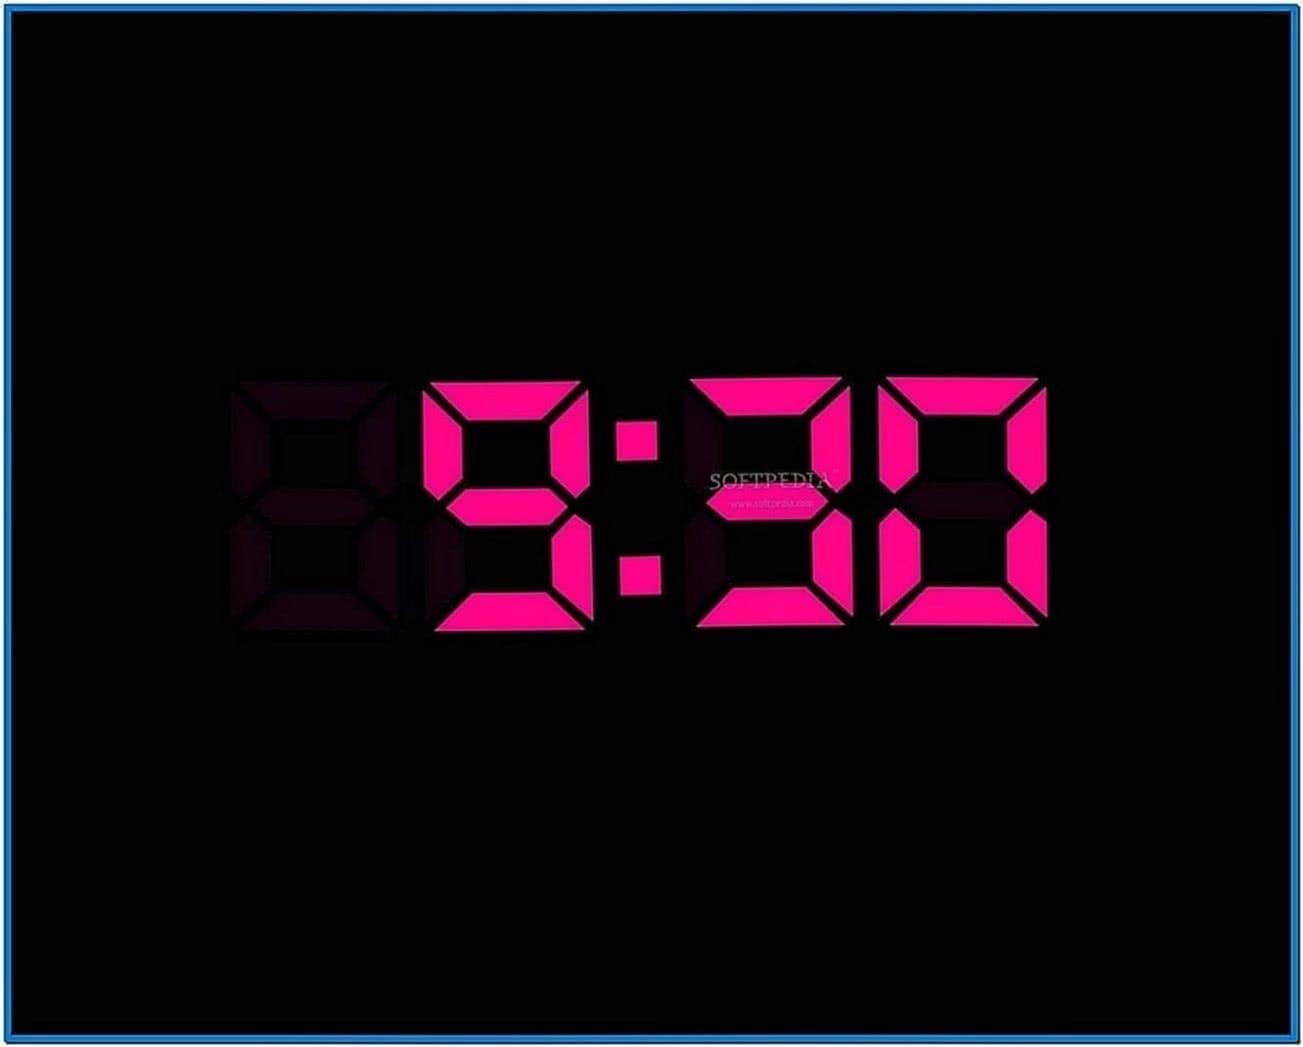 Digital clock screensaver for desktop